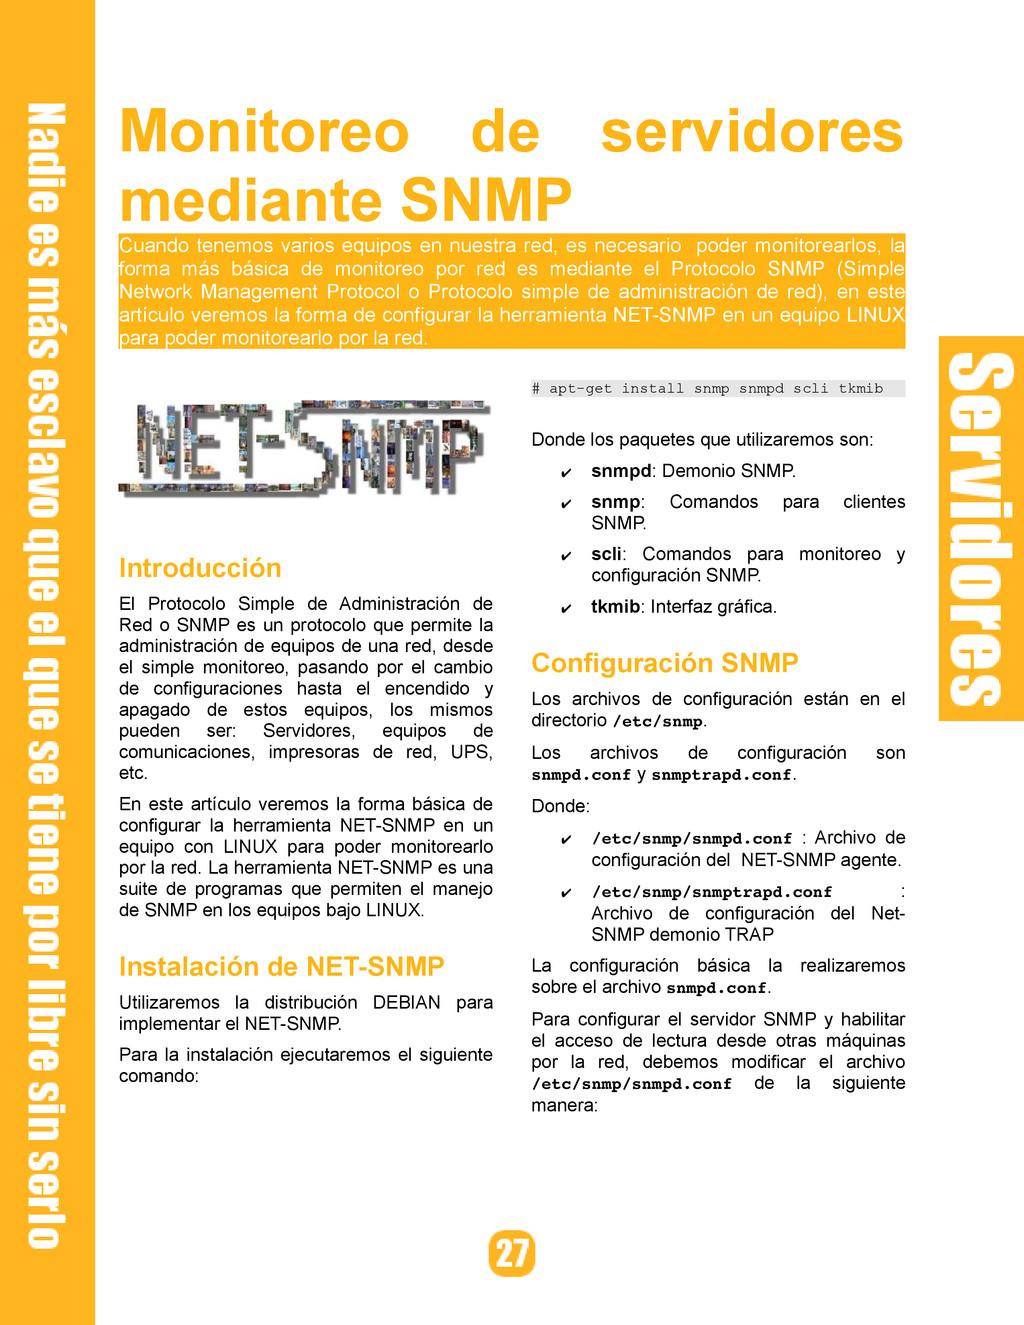 Monitoreo de servidores mediante SNMP Cuando te...